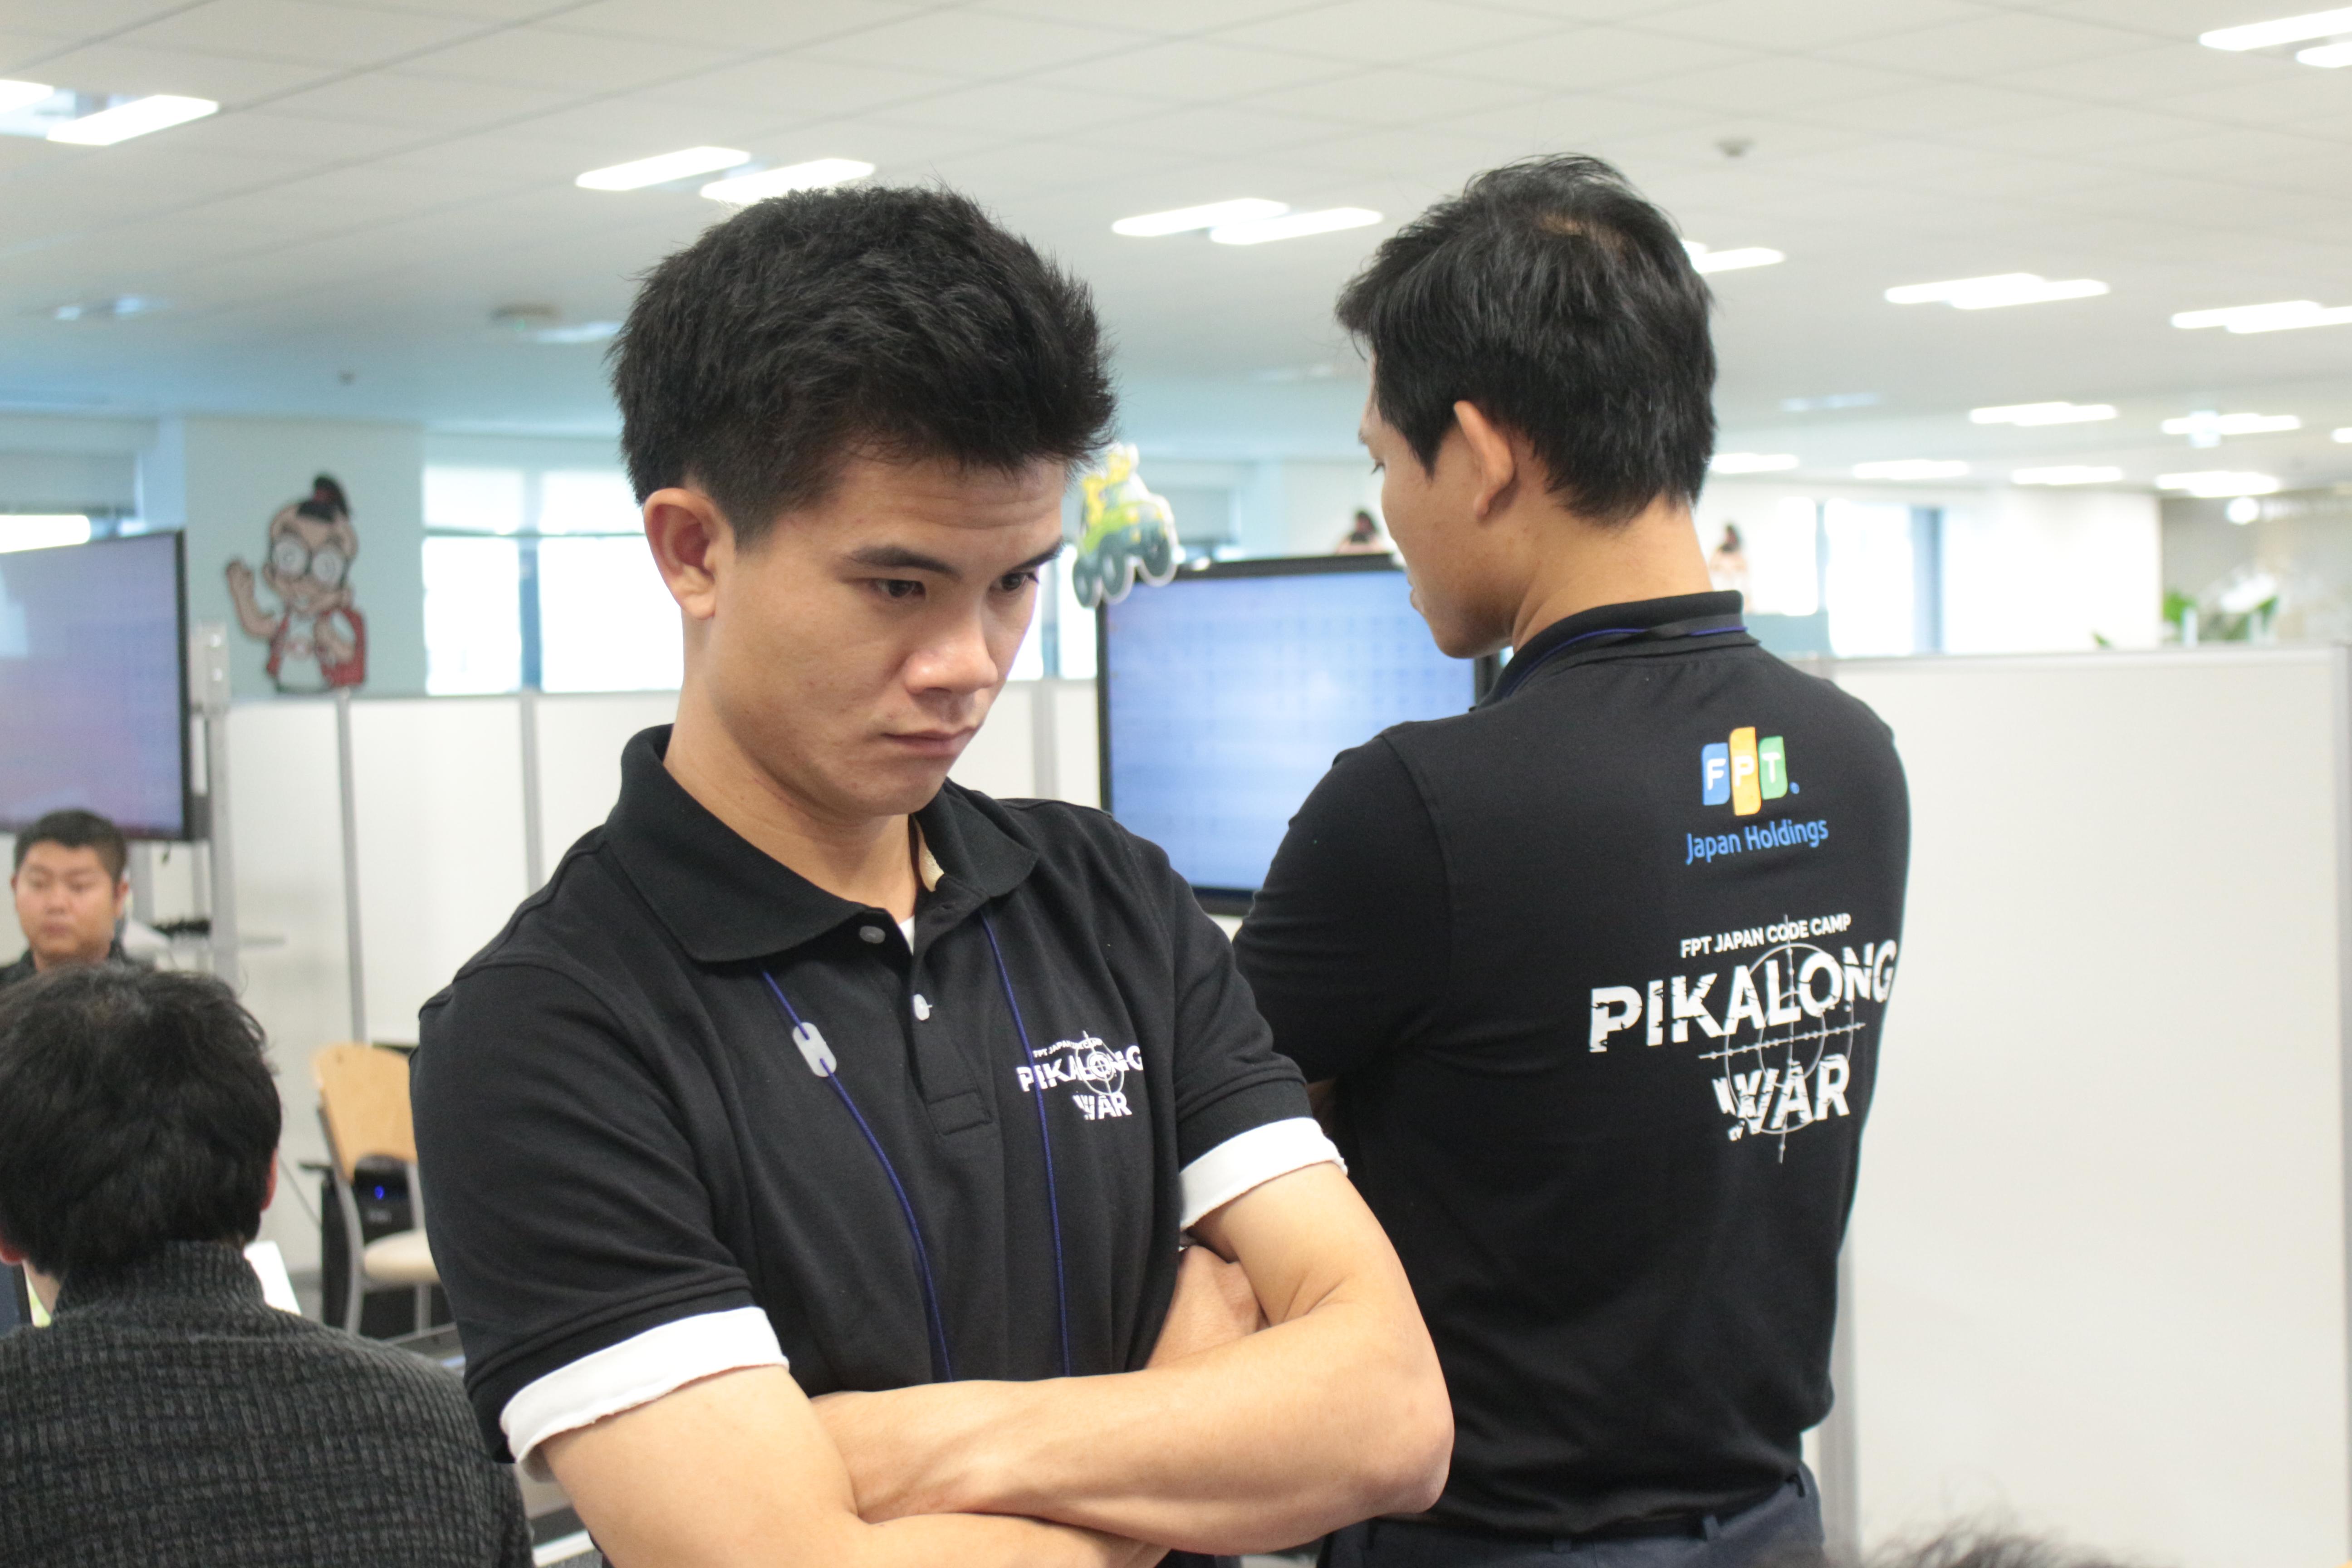 Đinh Xuân Bách (FPT Japan BNK-D) khá trẻ tuổi. Anh luôn chăm chú với phần thi của thí sinh.